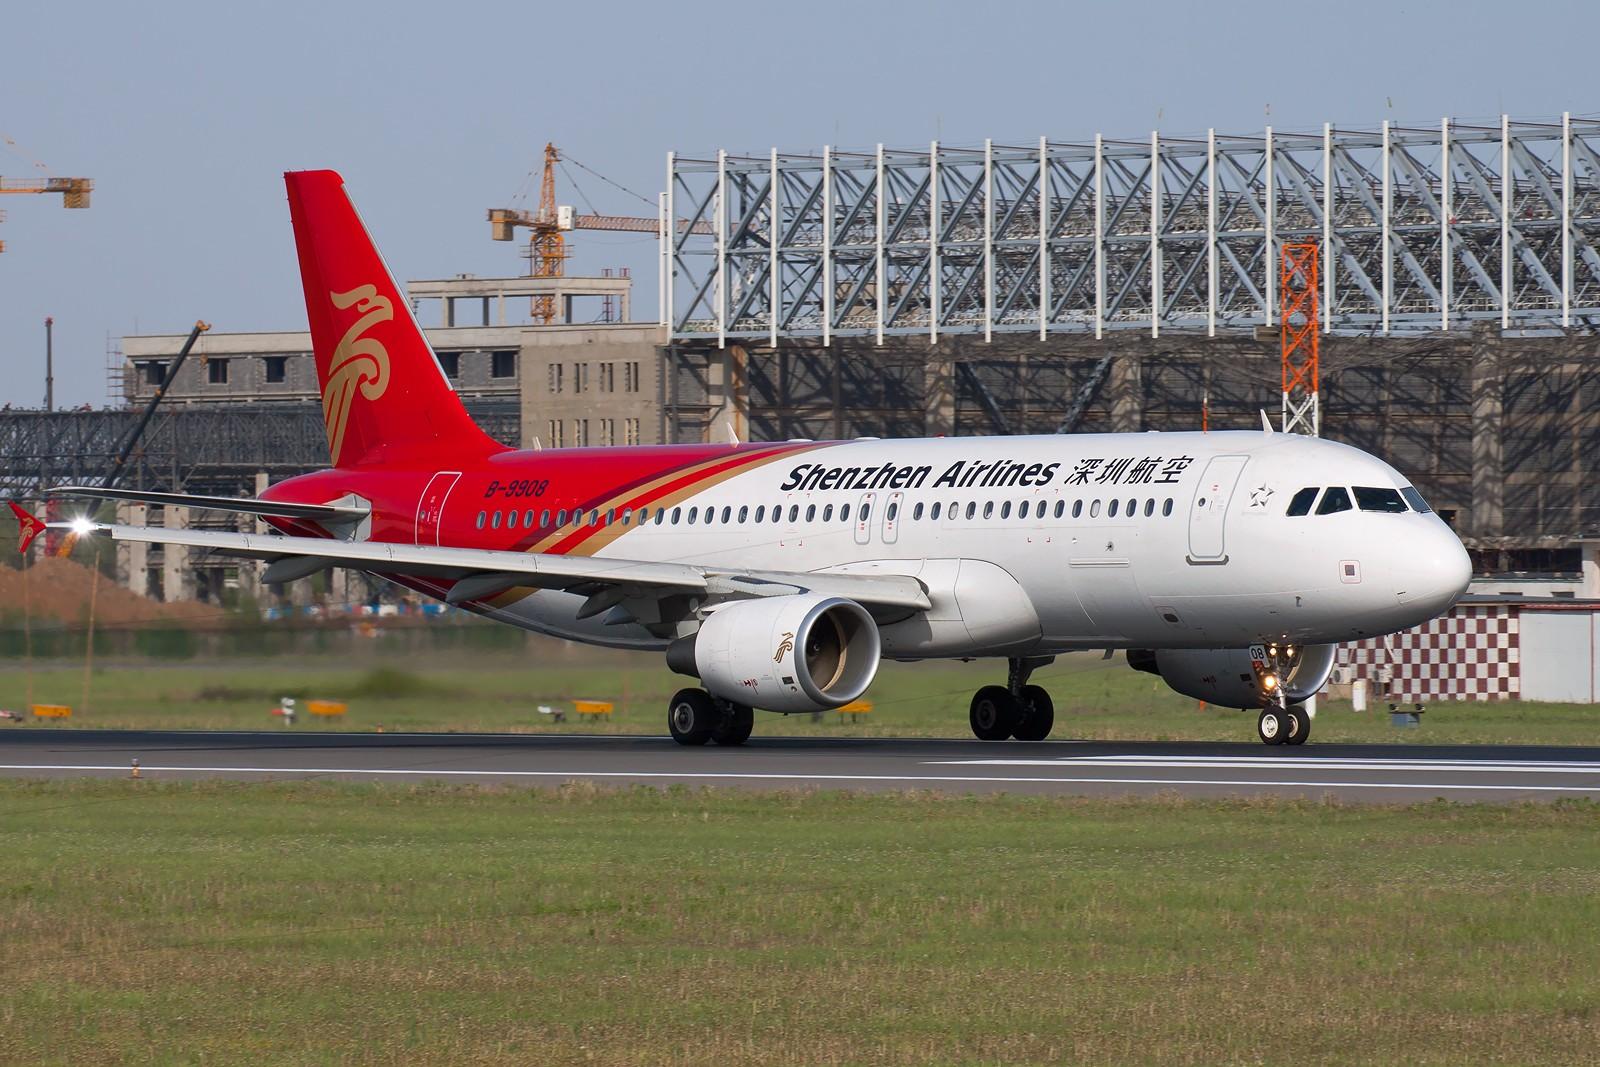 Re:[原创]周末SHE拍机组图【20P】 AIRBUS A320-214 B-9908 中国沈阳桃仙机场